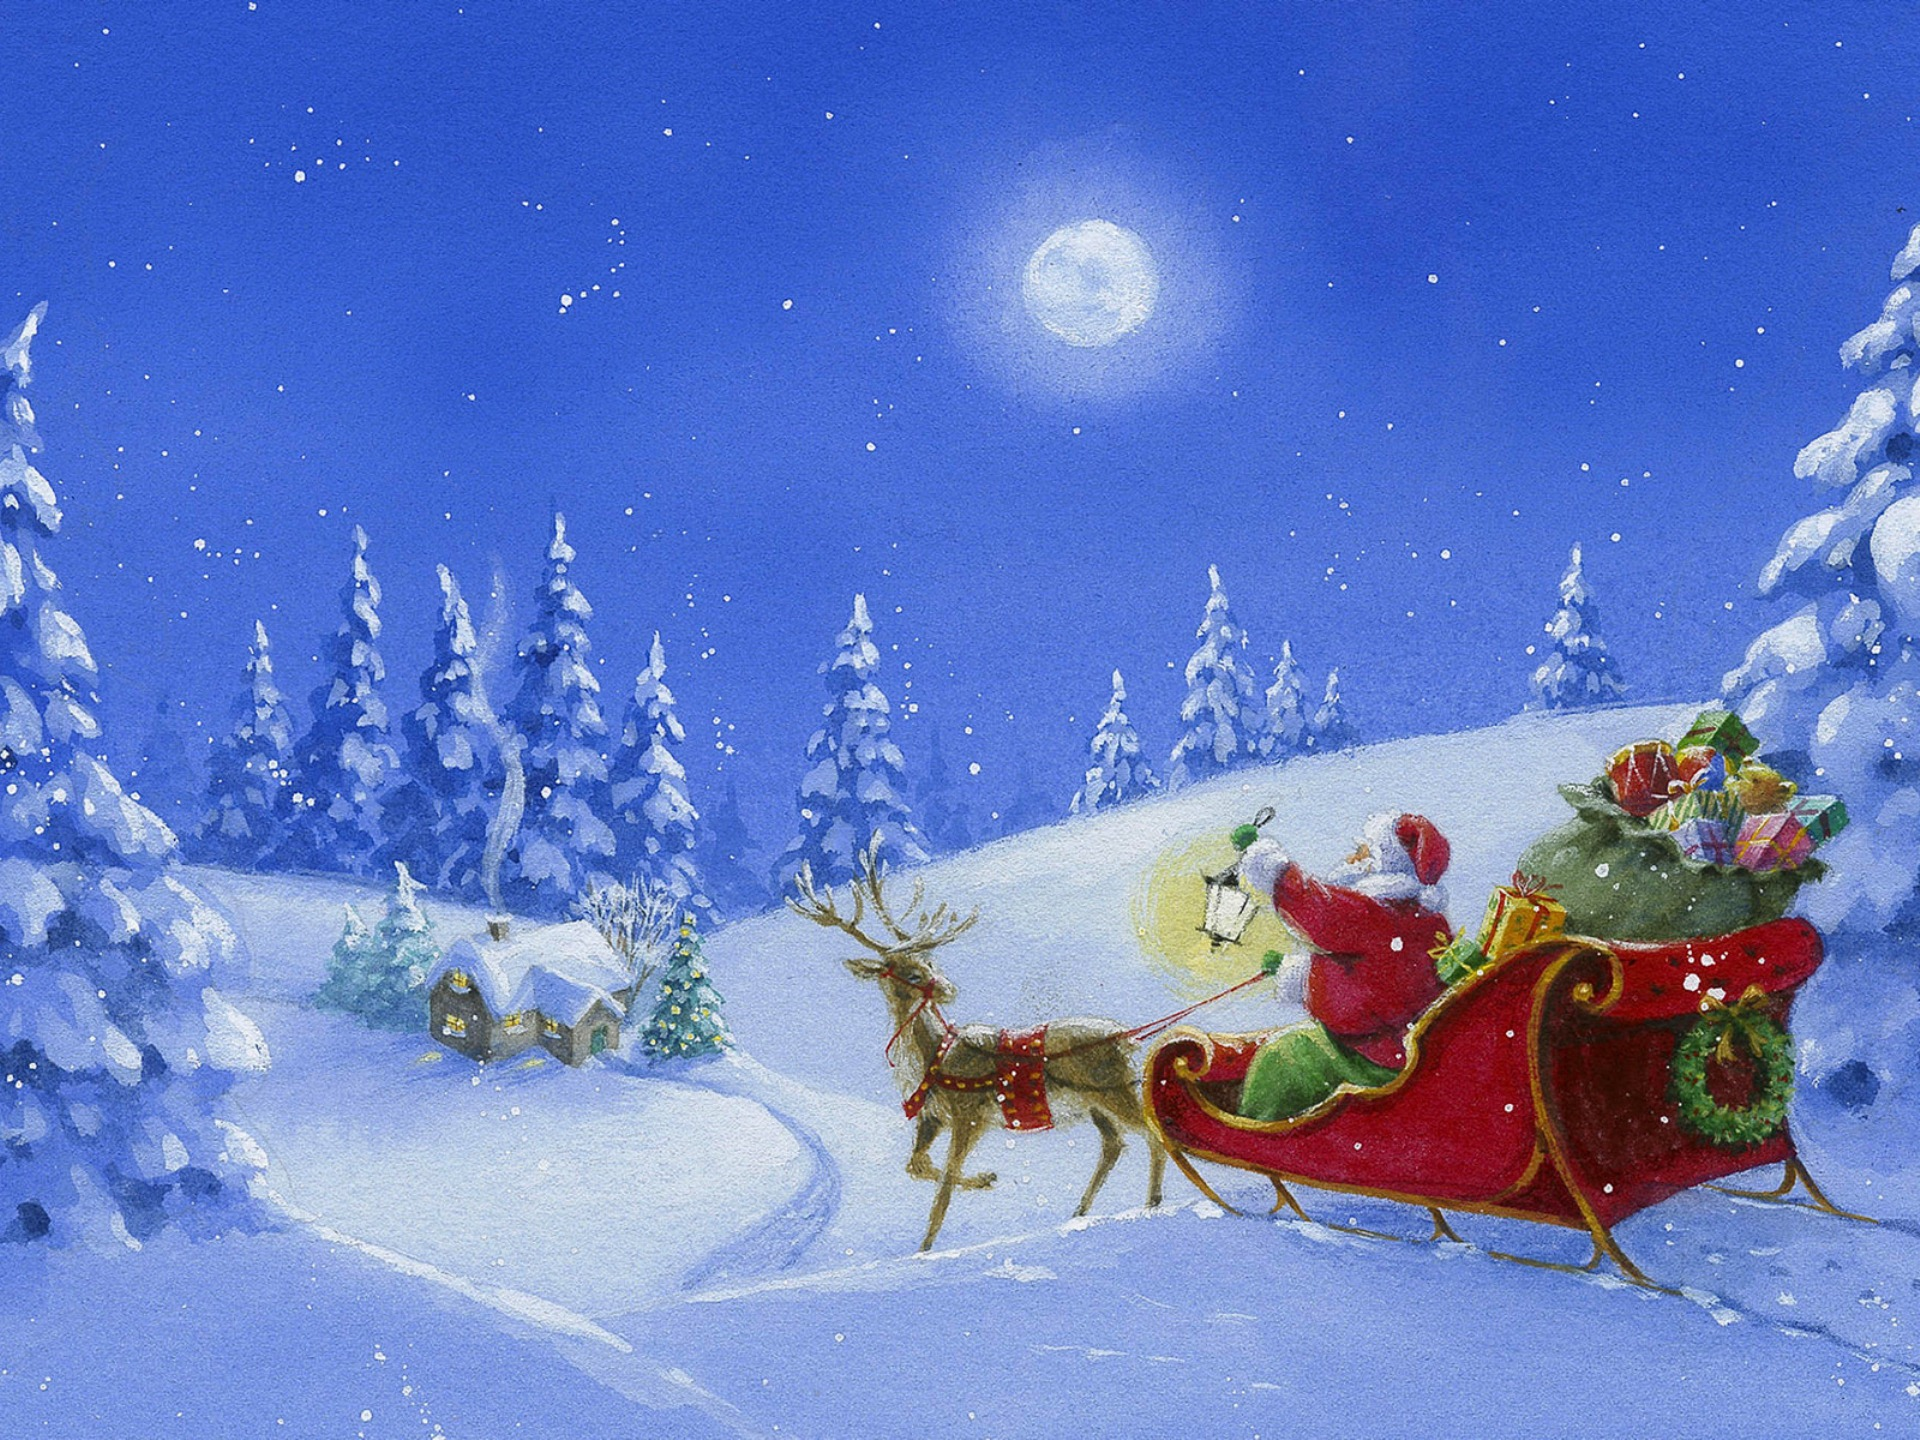 Картинка о зиме и деда мороза